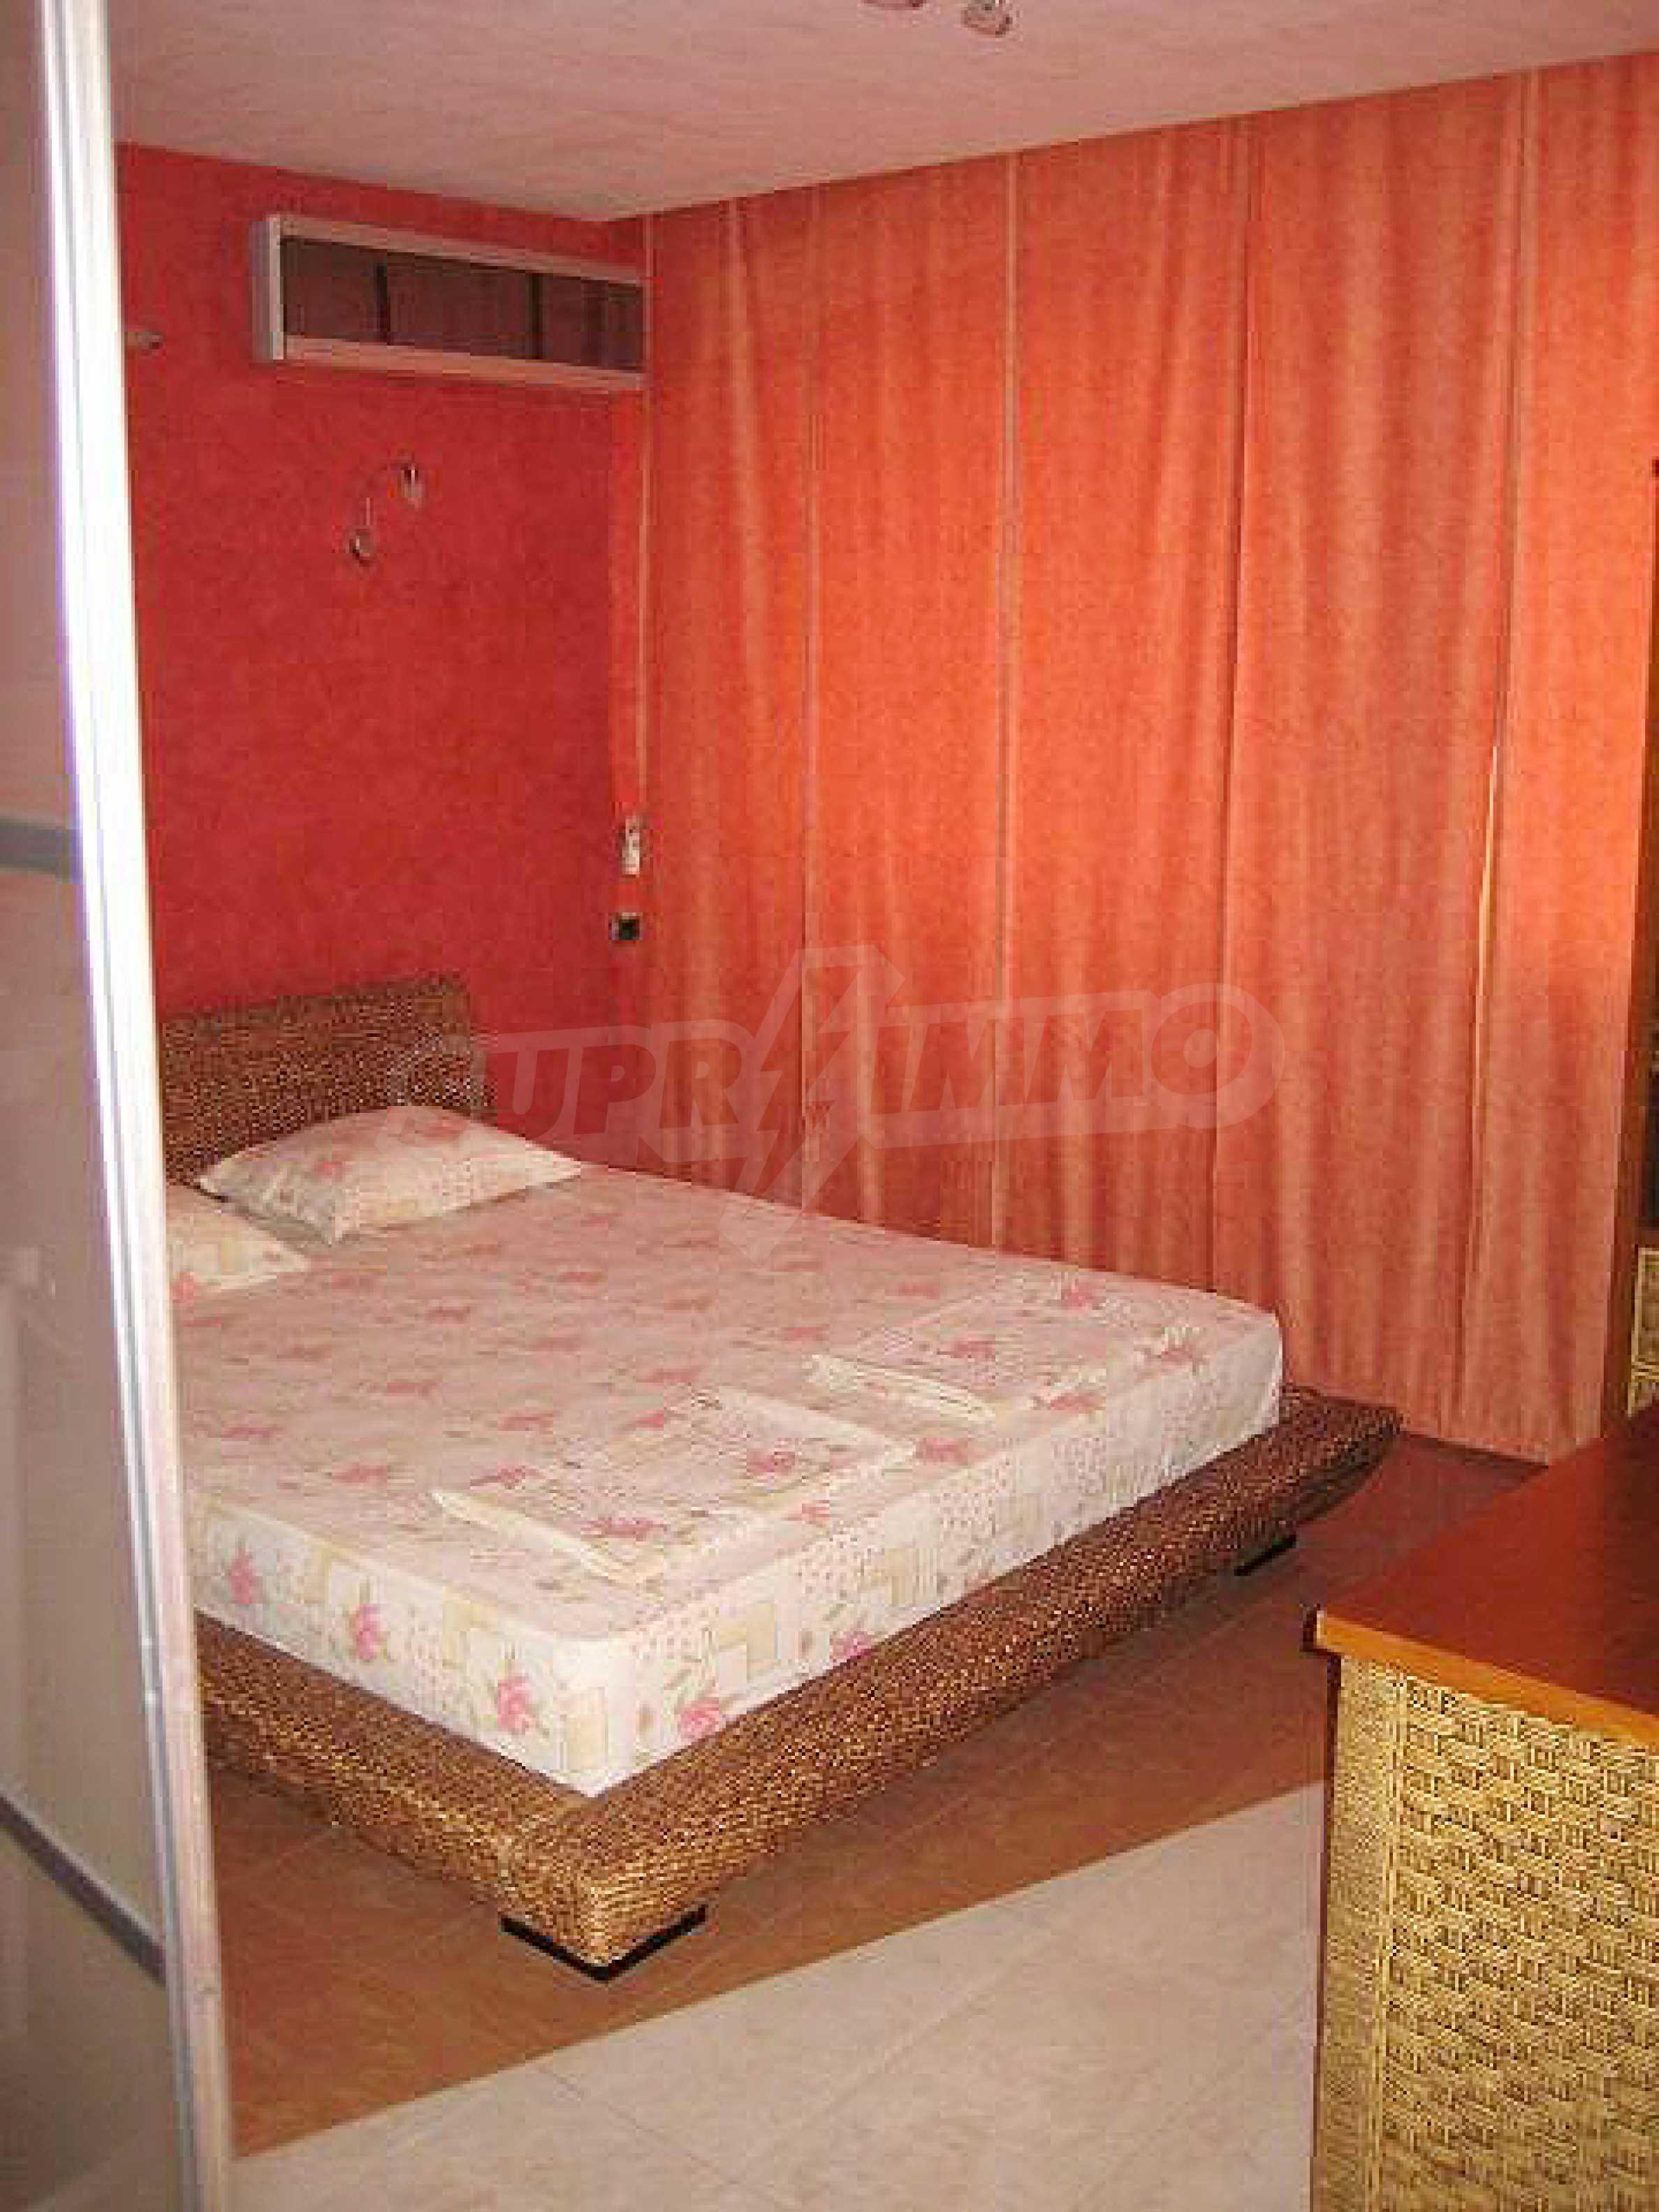 3 bedroom apartment in Golden Sands 8